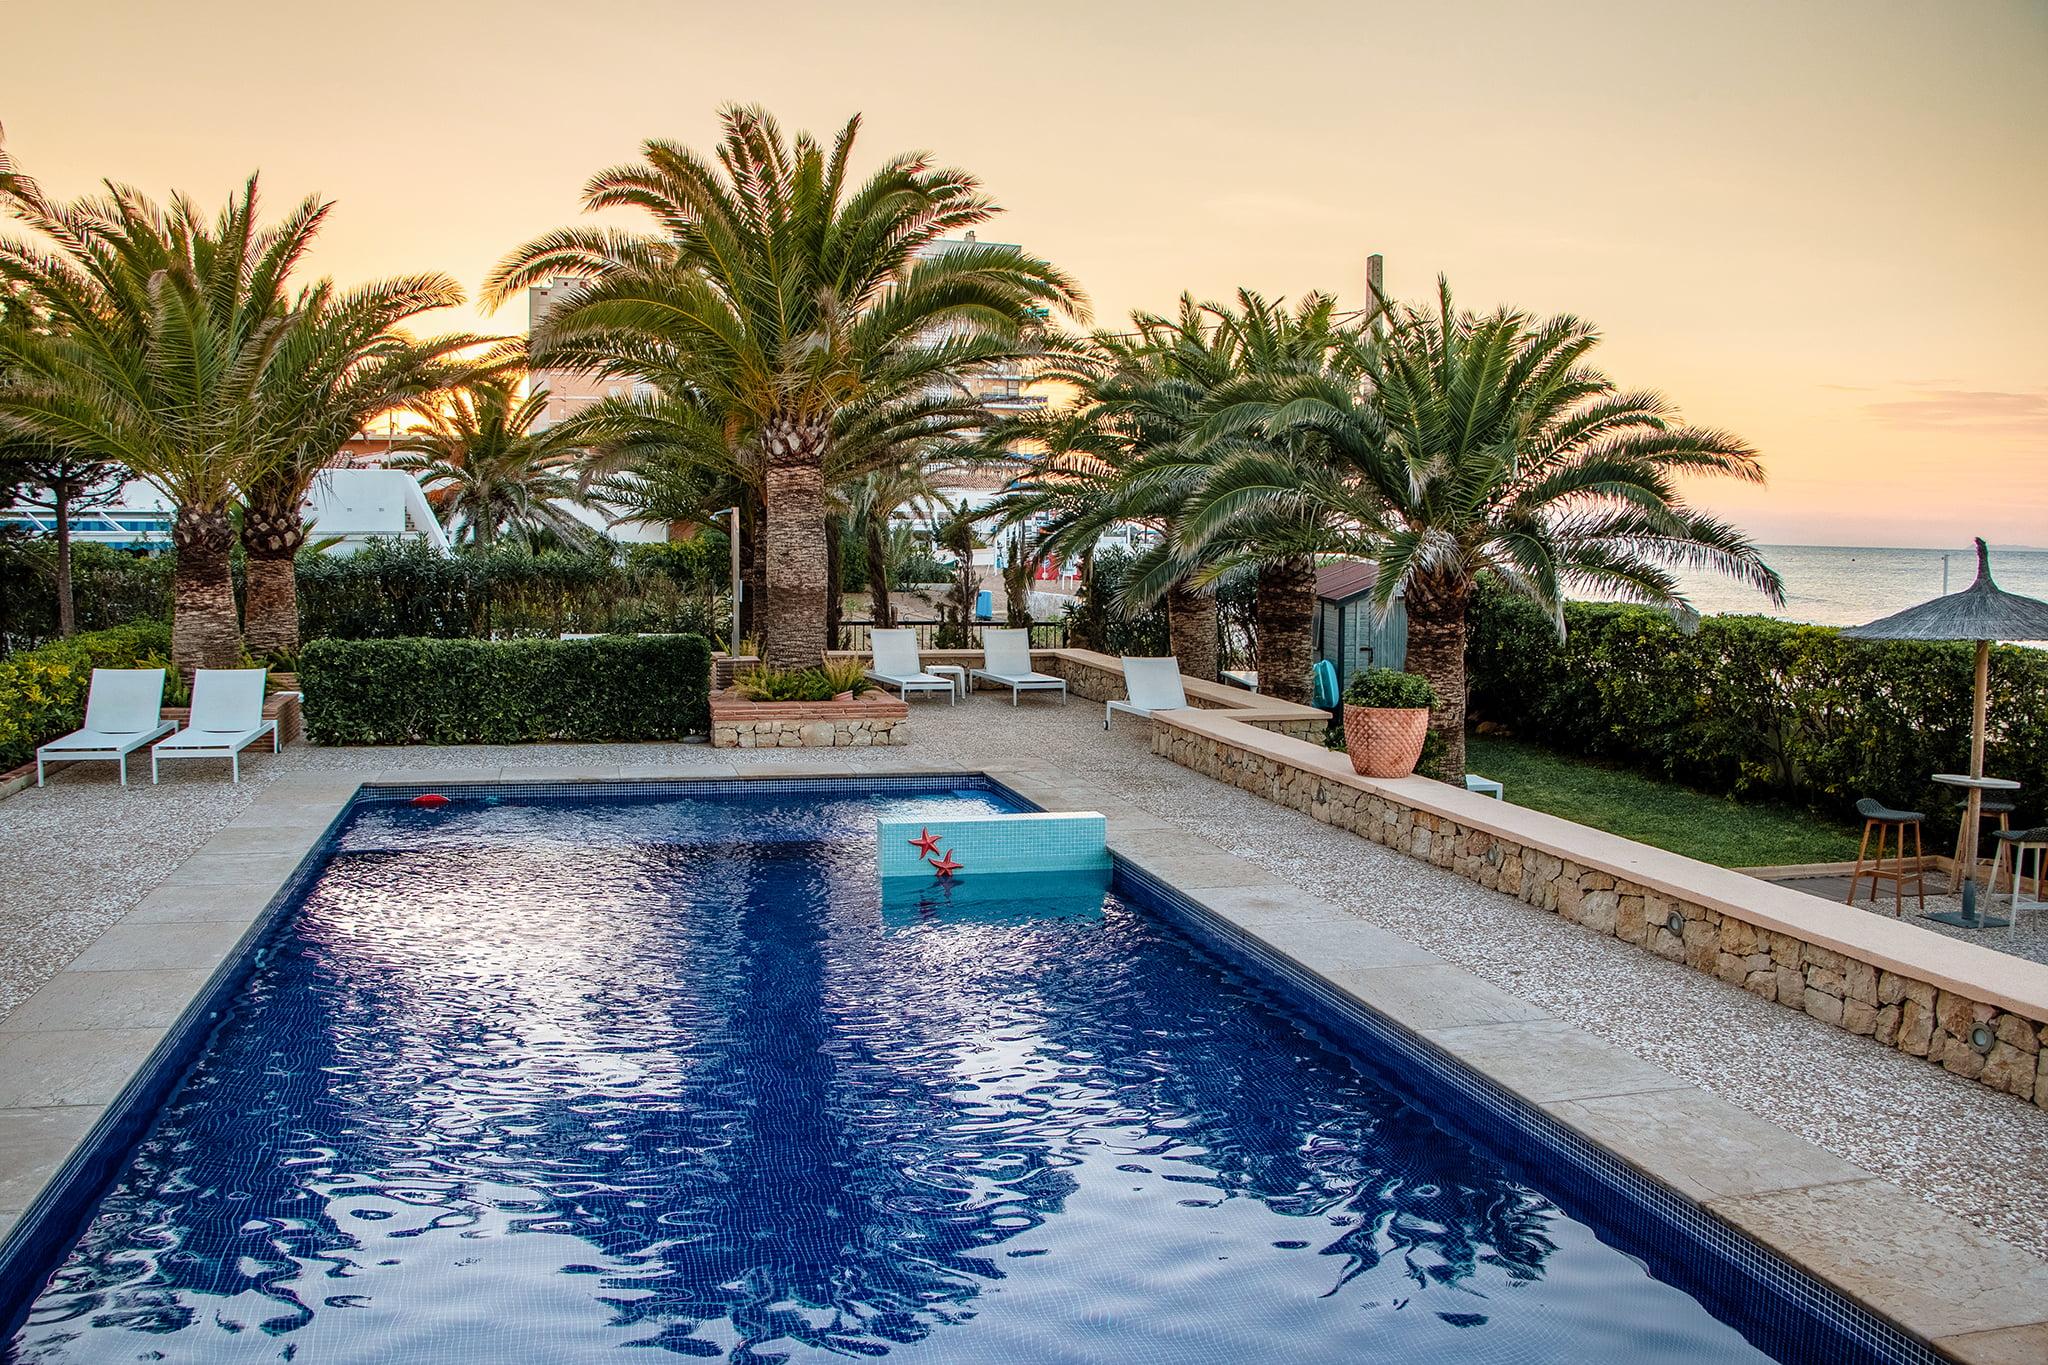 Hotel con piscina en Dénia – Hotel Los Ángeles